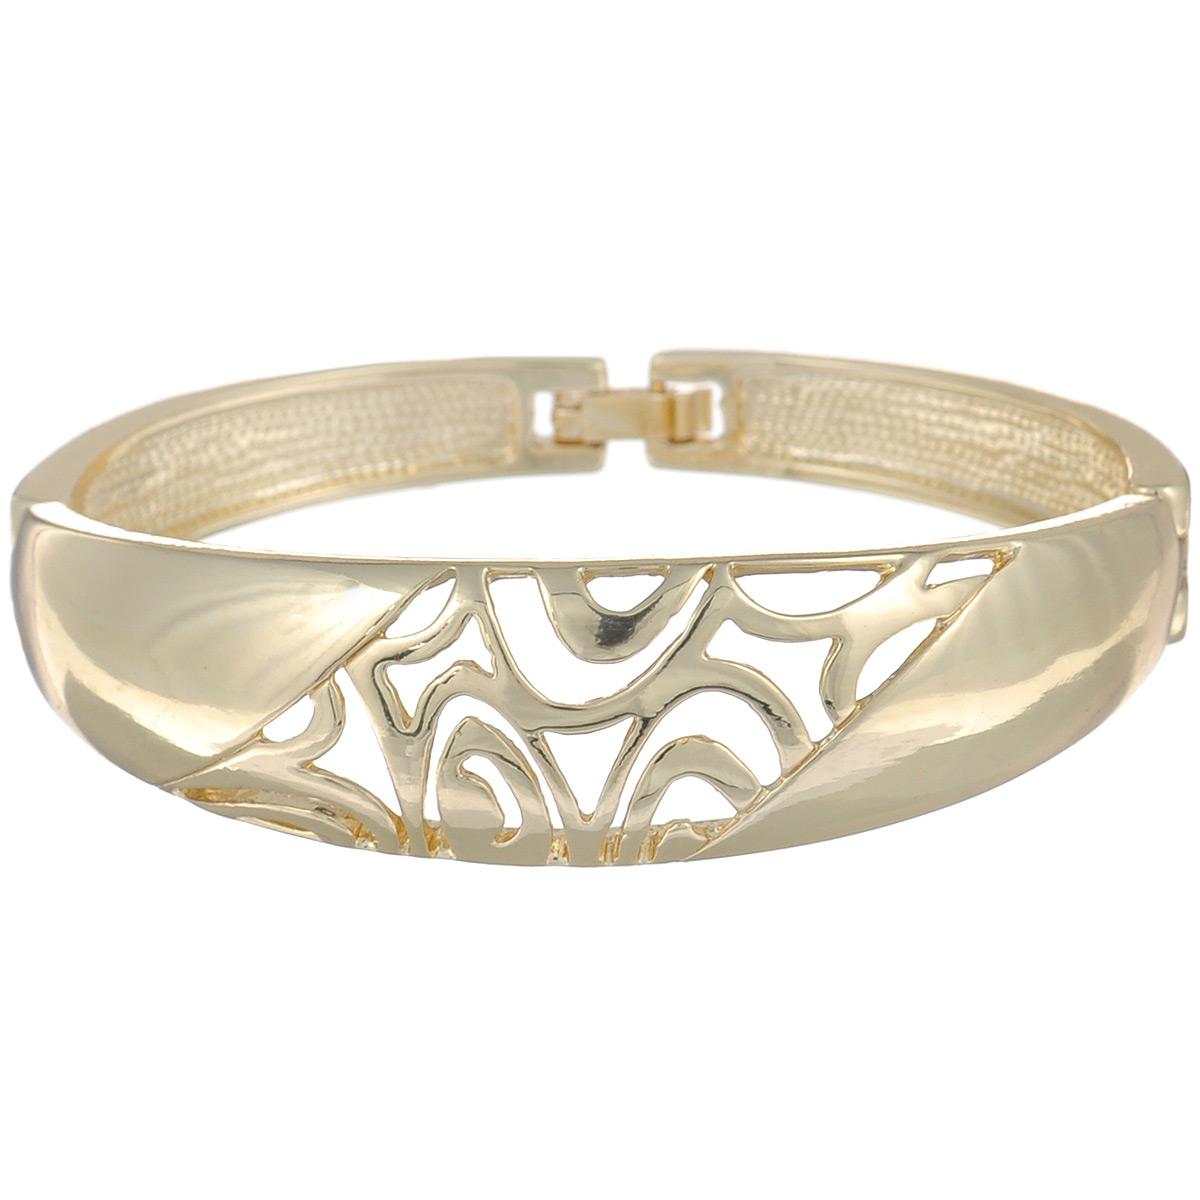 Браслет Selena Medea, цвет: золотистый. 4004971040049710Оригинальный браслет Selena Medea выполнен из металла с гальваническим золочением и оформлен резным узором. Такой браслет позволит вам с легкостью воплотить самую смелую фантазию и создать собственный, неповторимый образ. Браслет застегивается на металлический замок. Украшения Медея – это стильная и лаконичная классика, изделия, которые выглядят как дорогие дизайнерские ювелирные украшения.